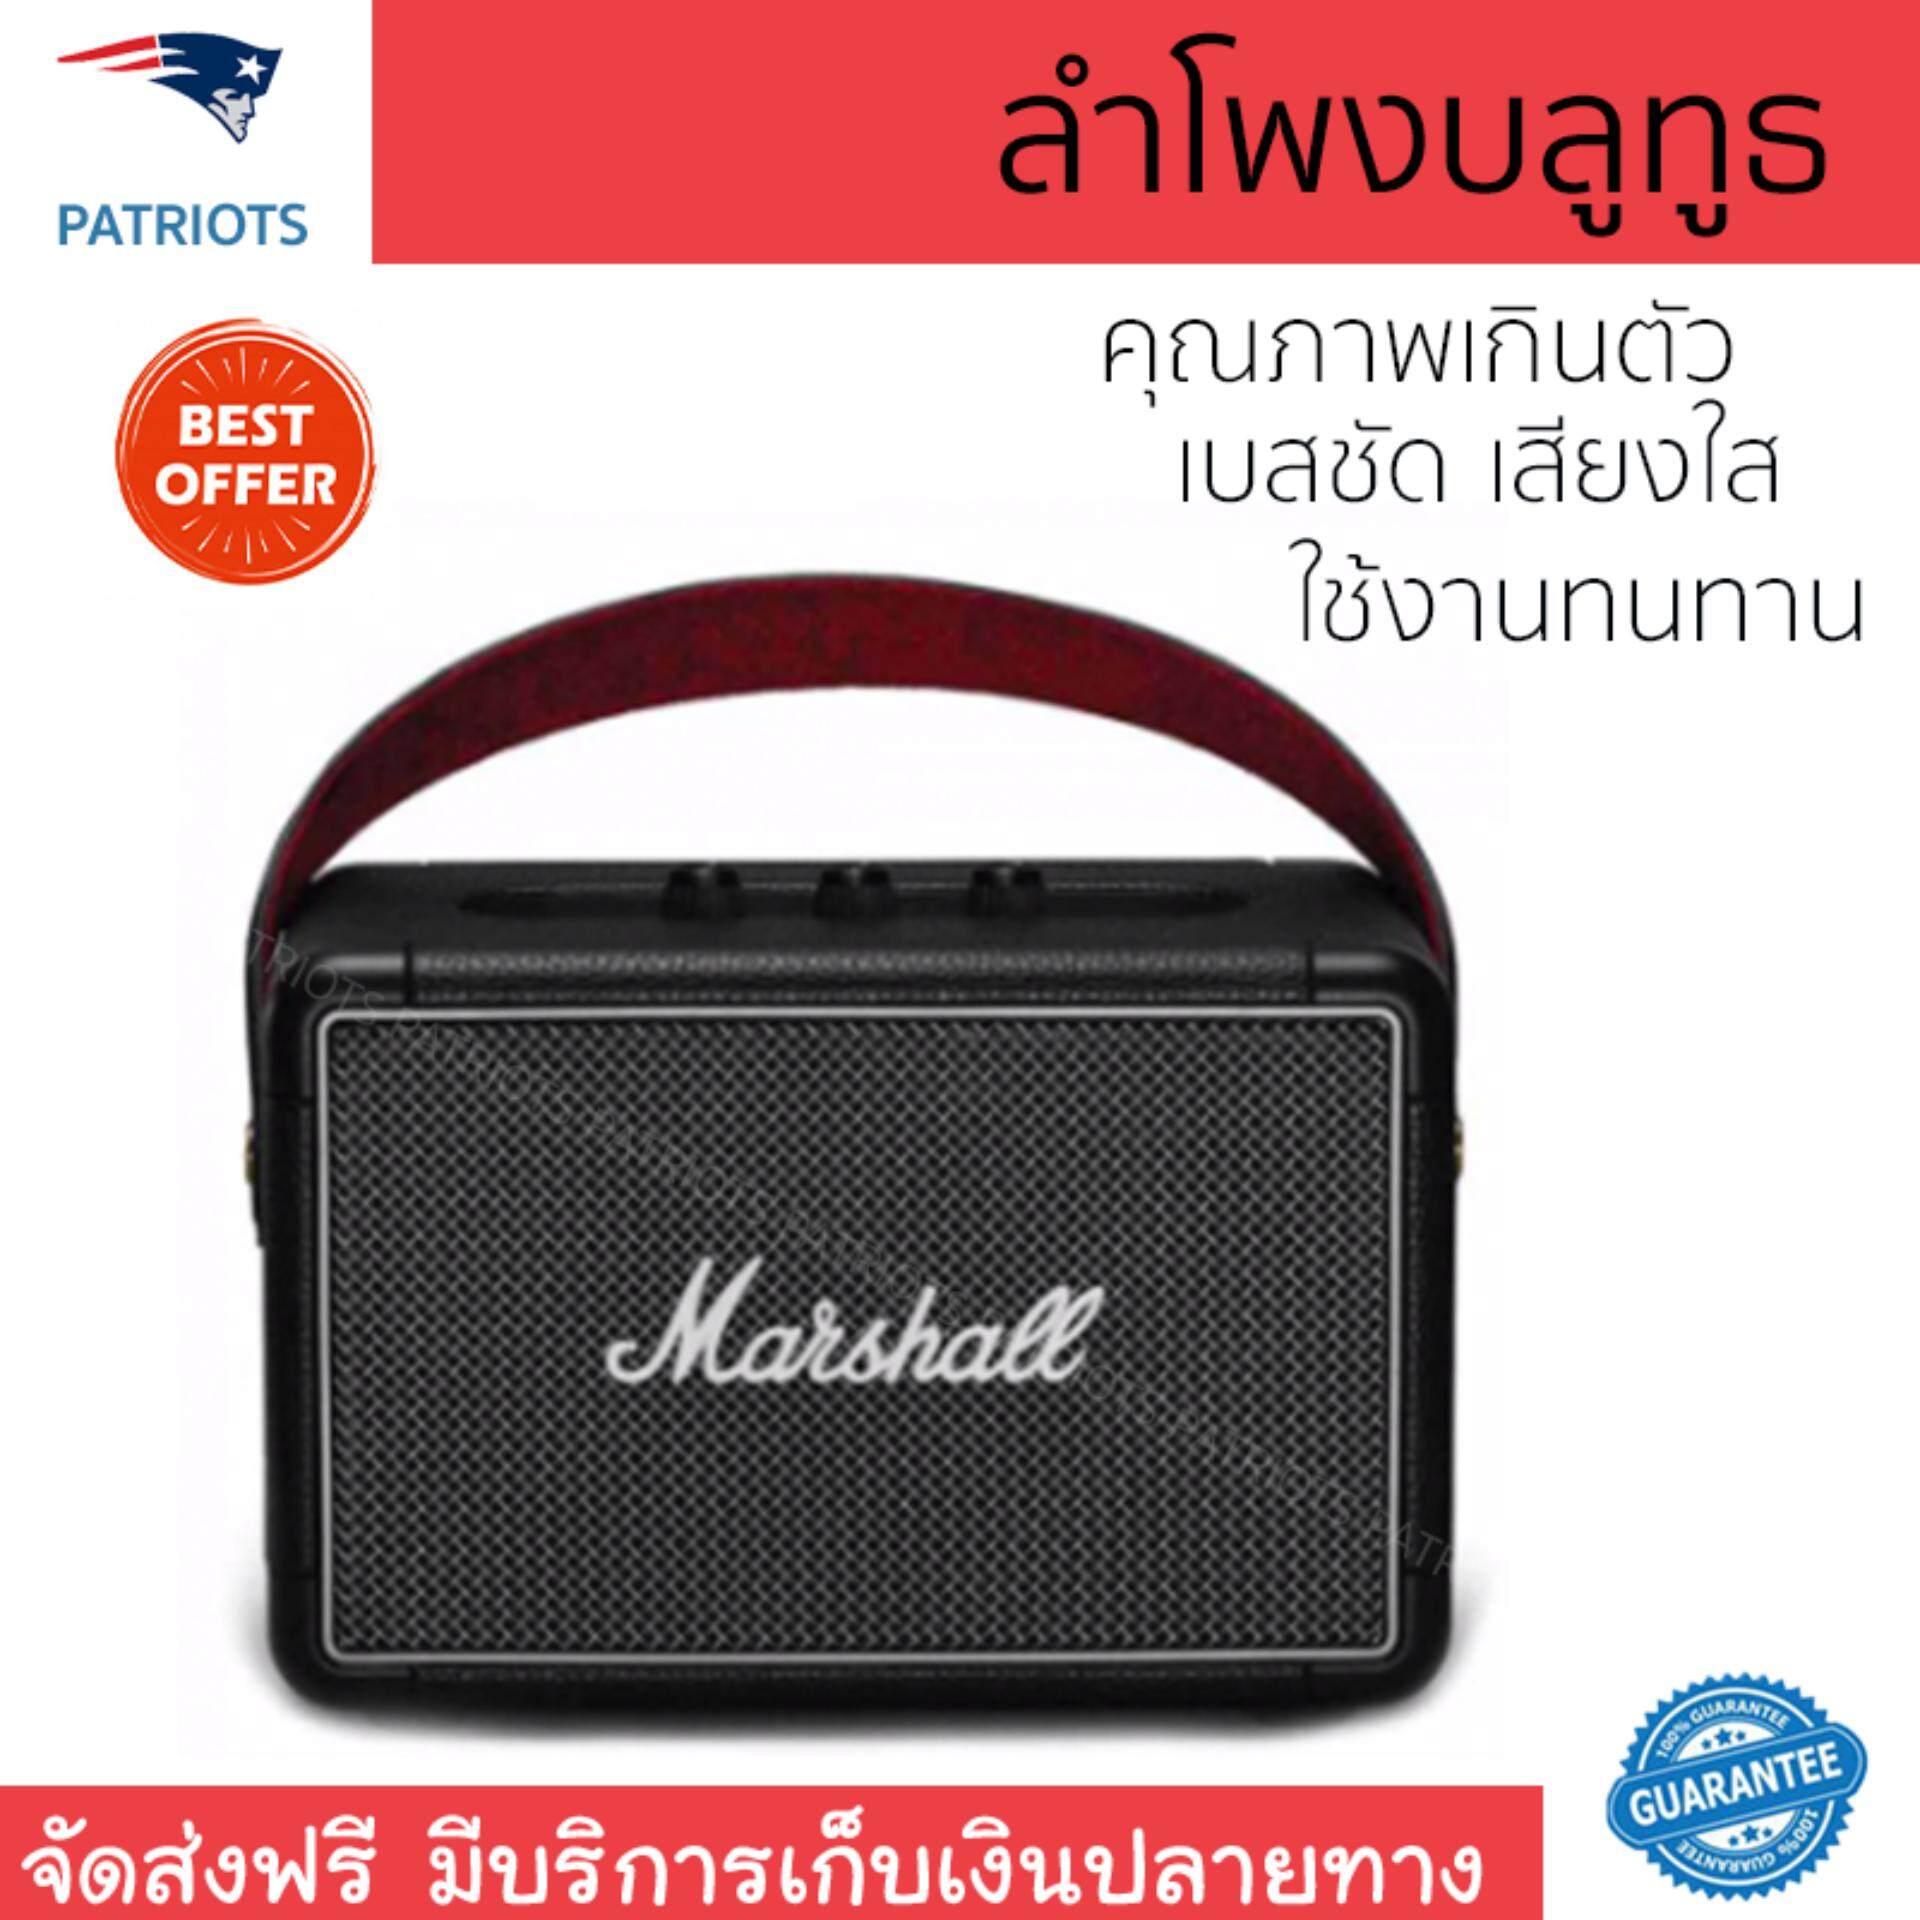 ยี่ห้อไหนดี  จัดส่งฟรี ลำโพงบลูทูธ  Marshall Bluetooth Speaker 2.1 Kilburn II Black เสียงใส คุณภาพเกินตัว Wireless Bluetooth Speaker รับประกัน 1 ปี